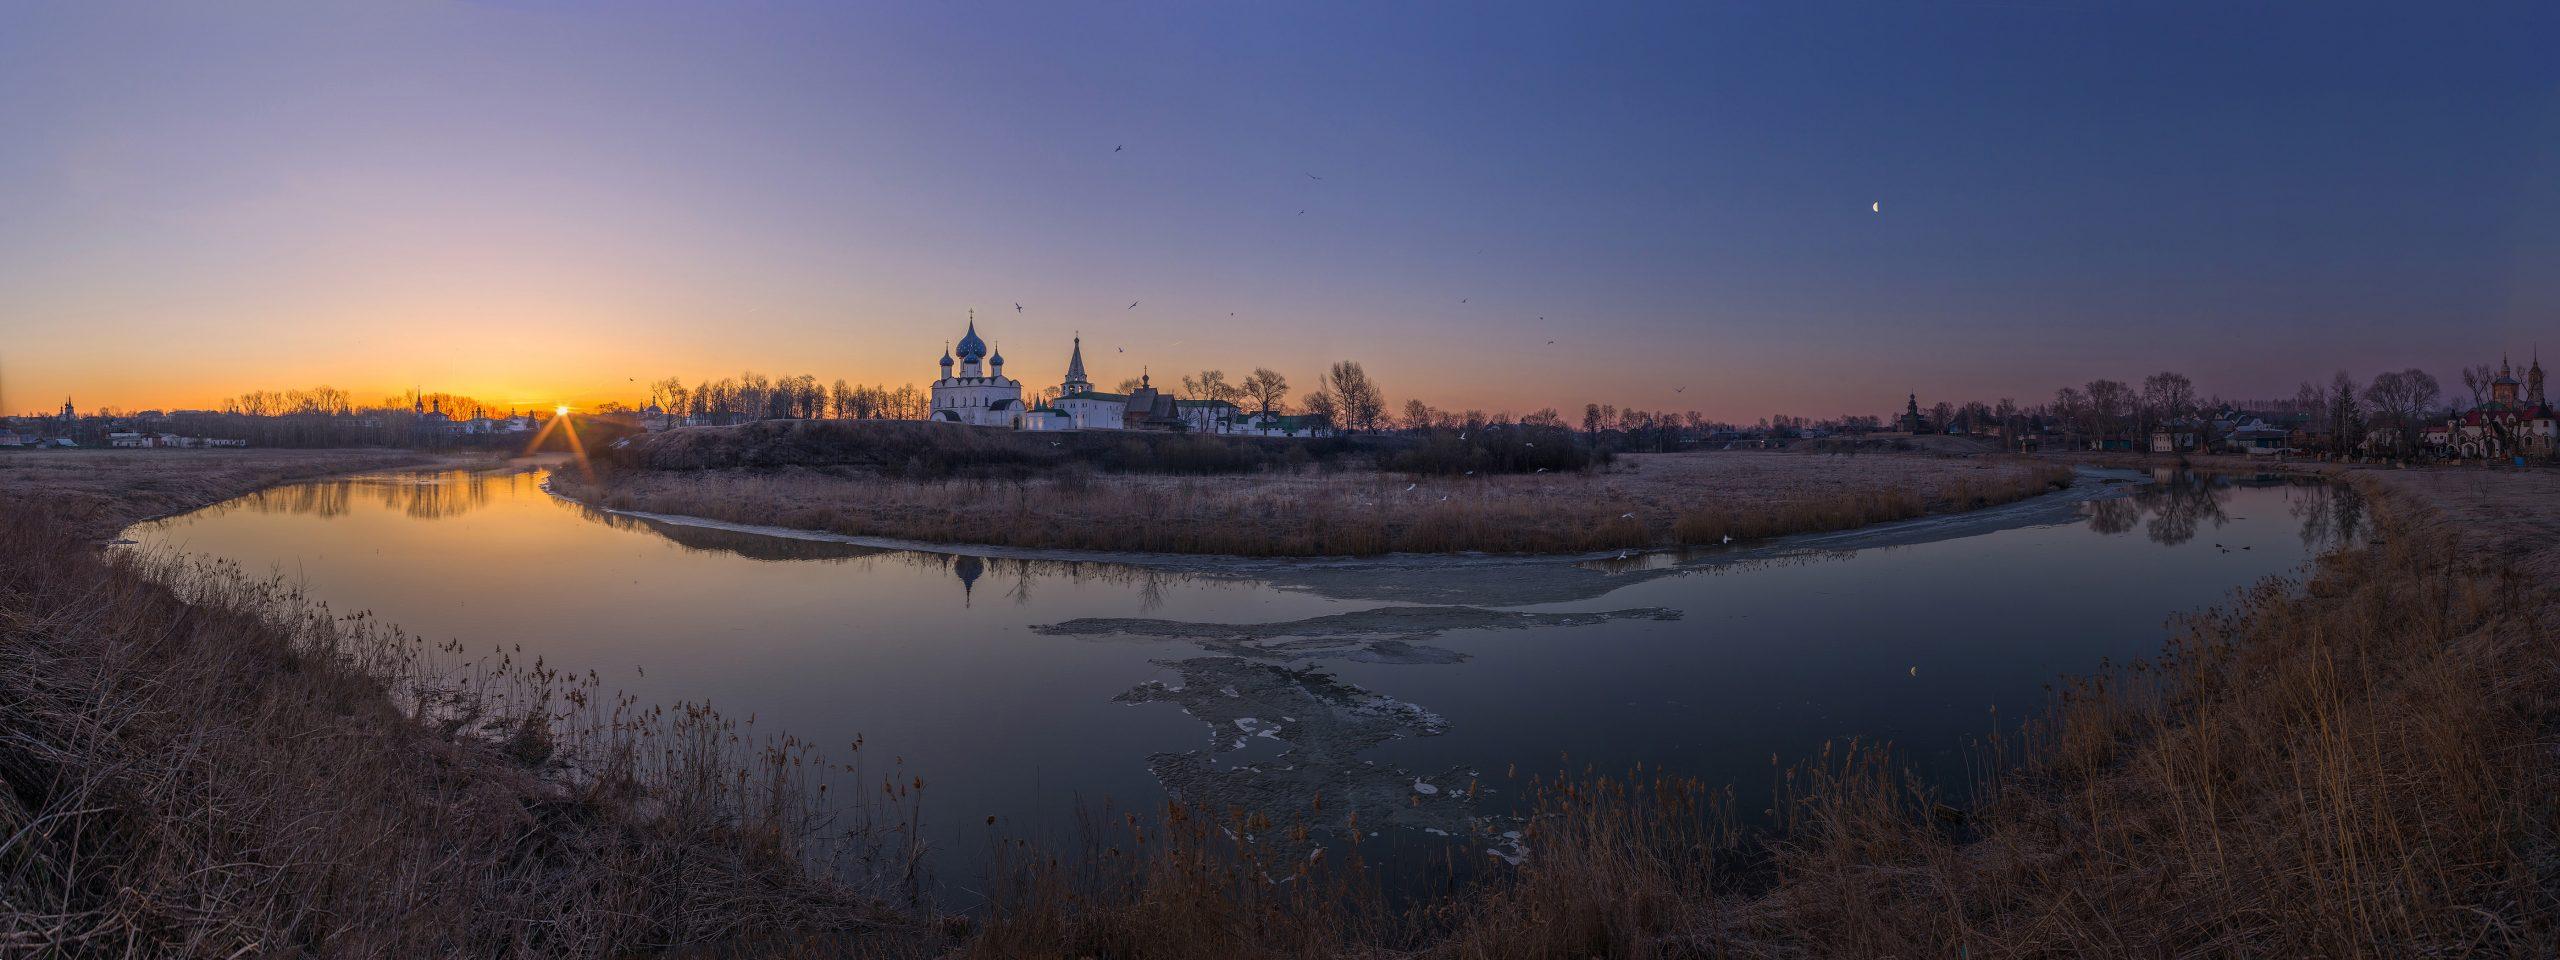 «Таинственный Суздаль» Автор фото: Николай Овчинников